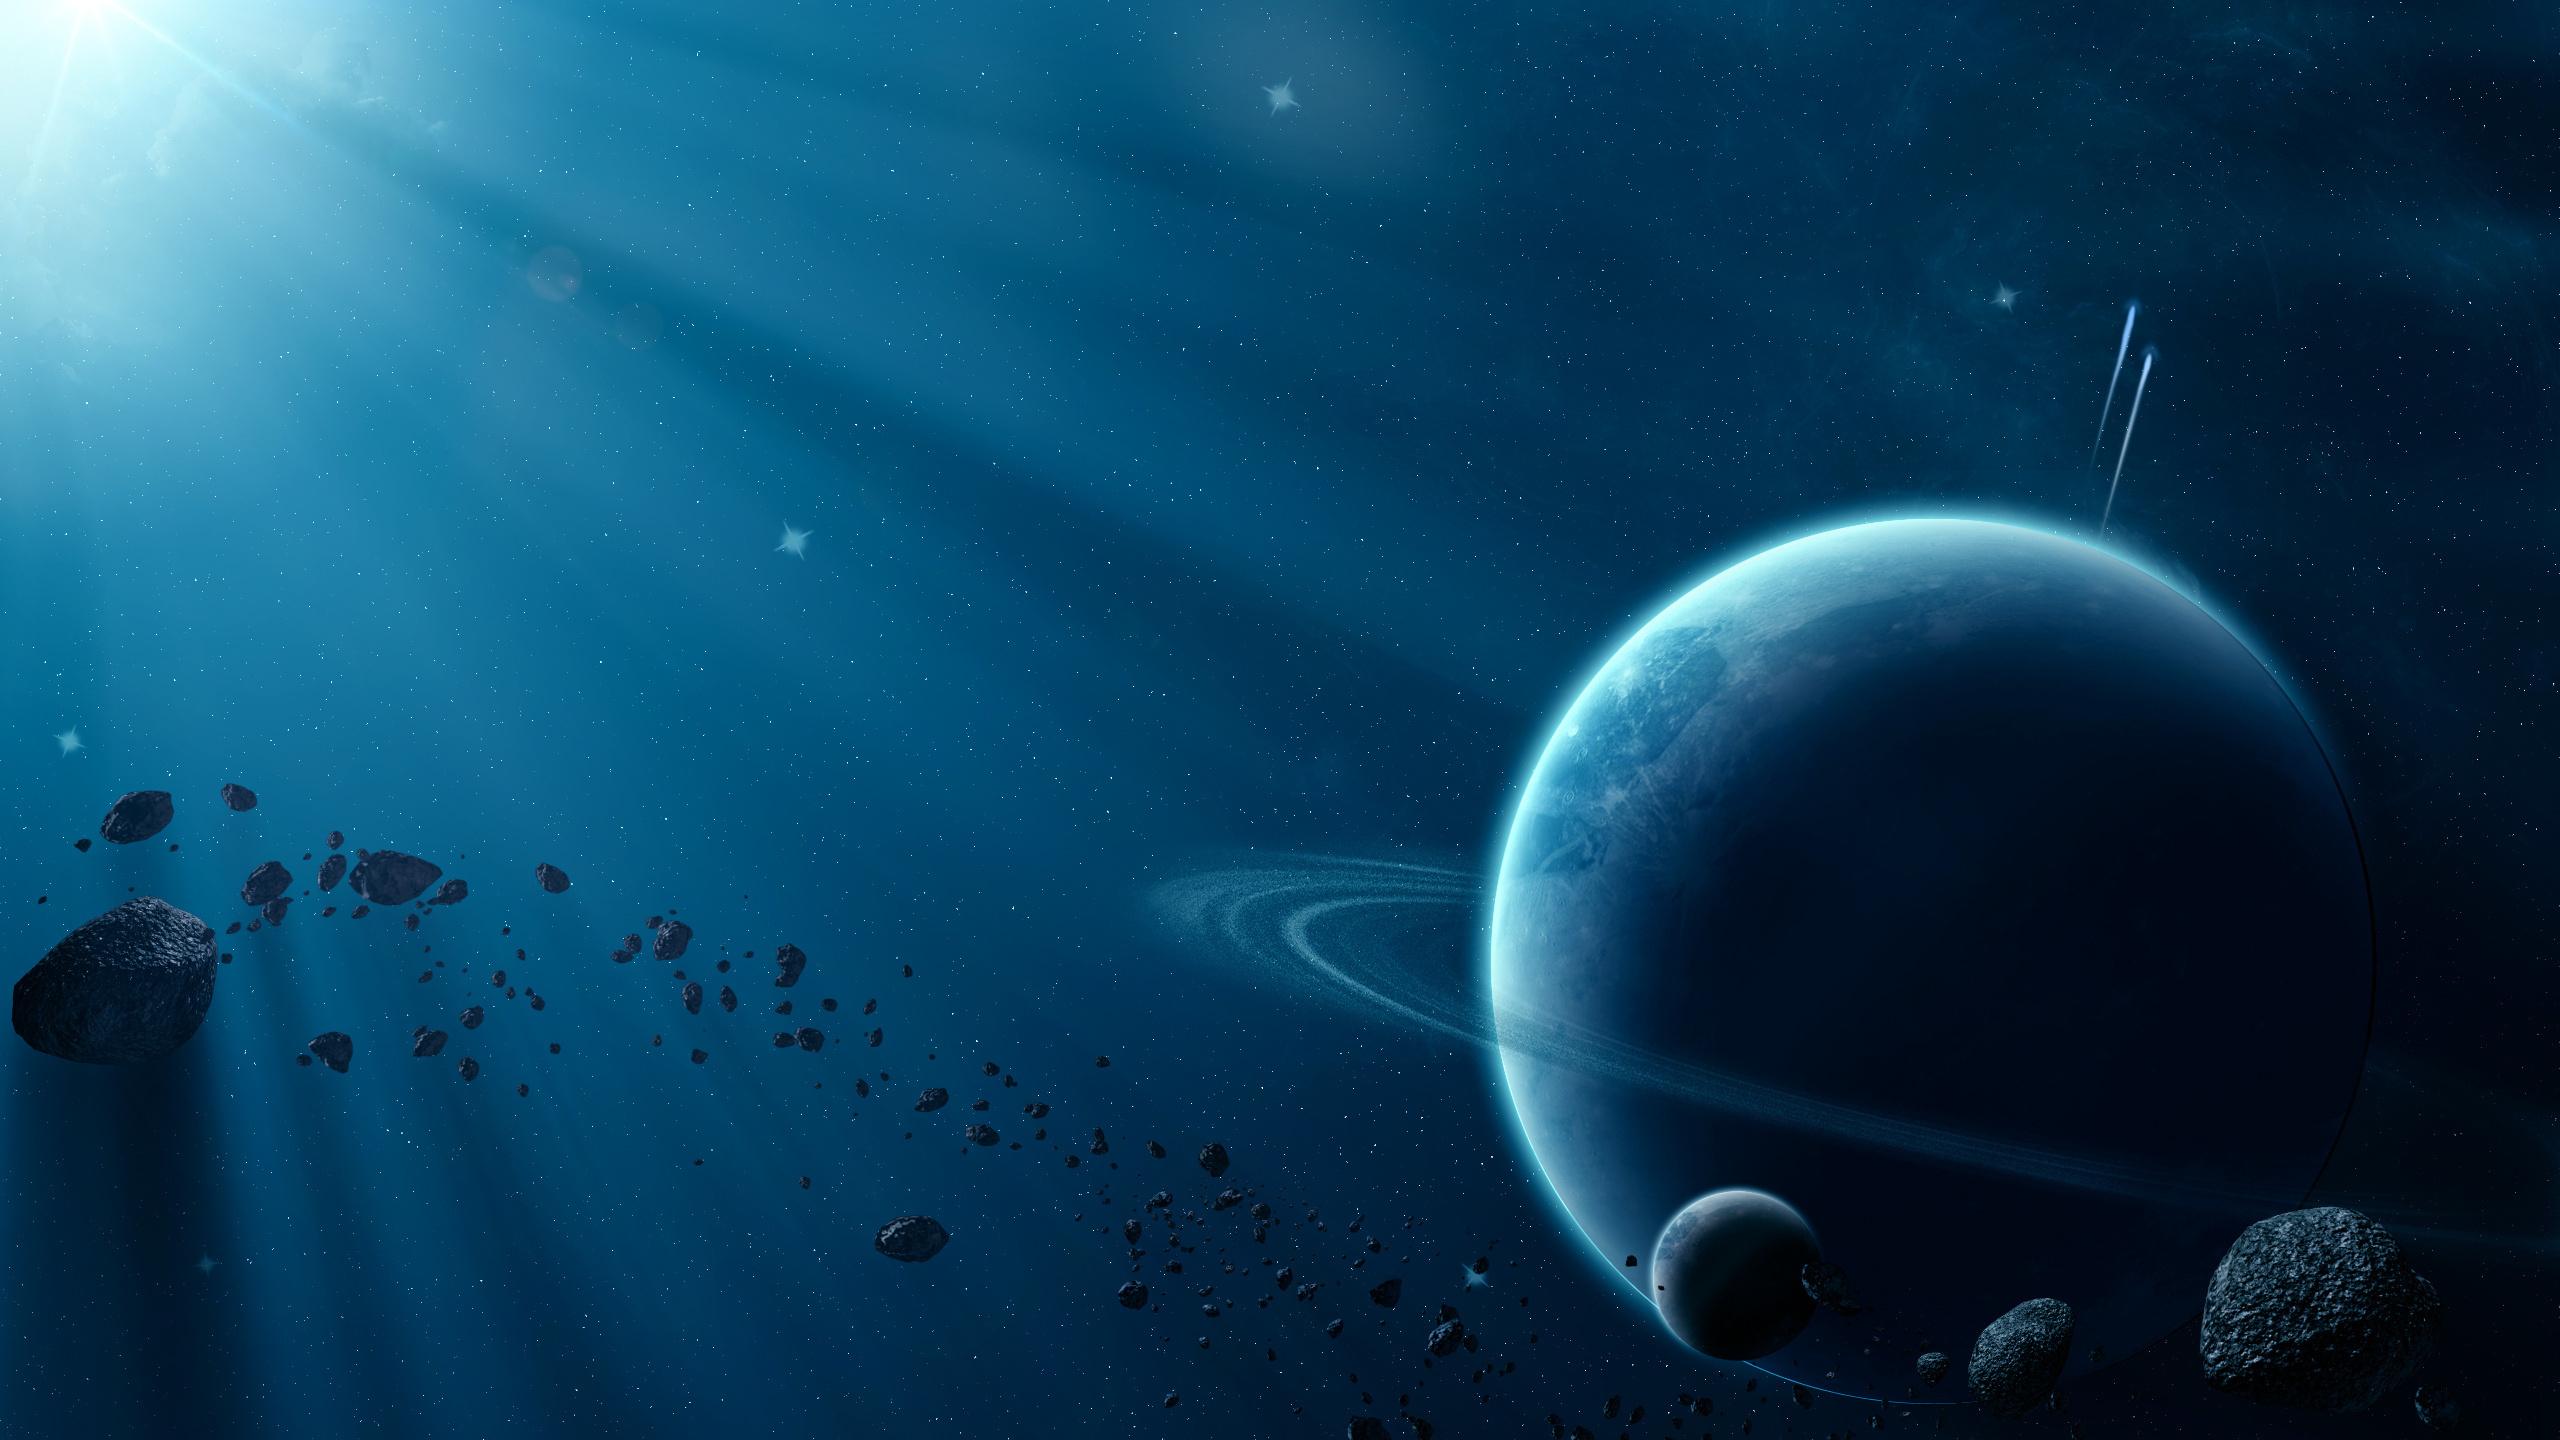 Картинка на заставку планета